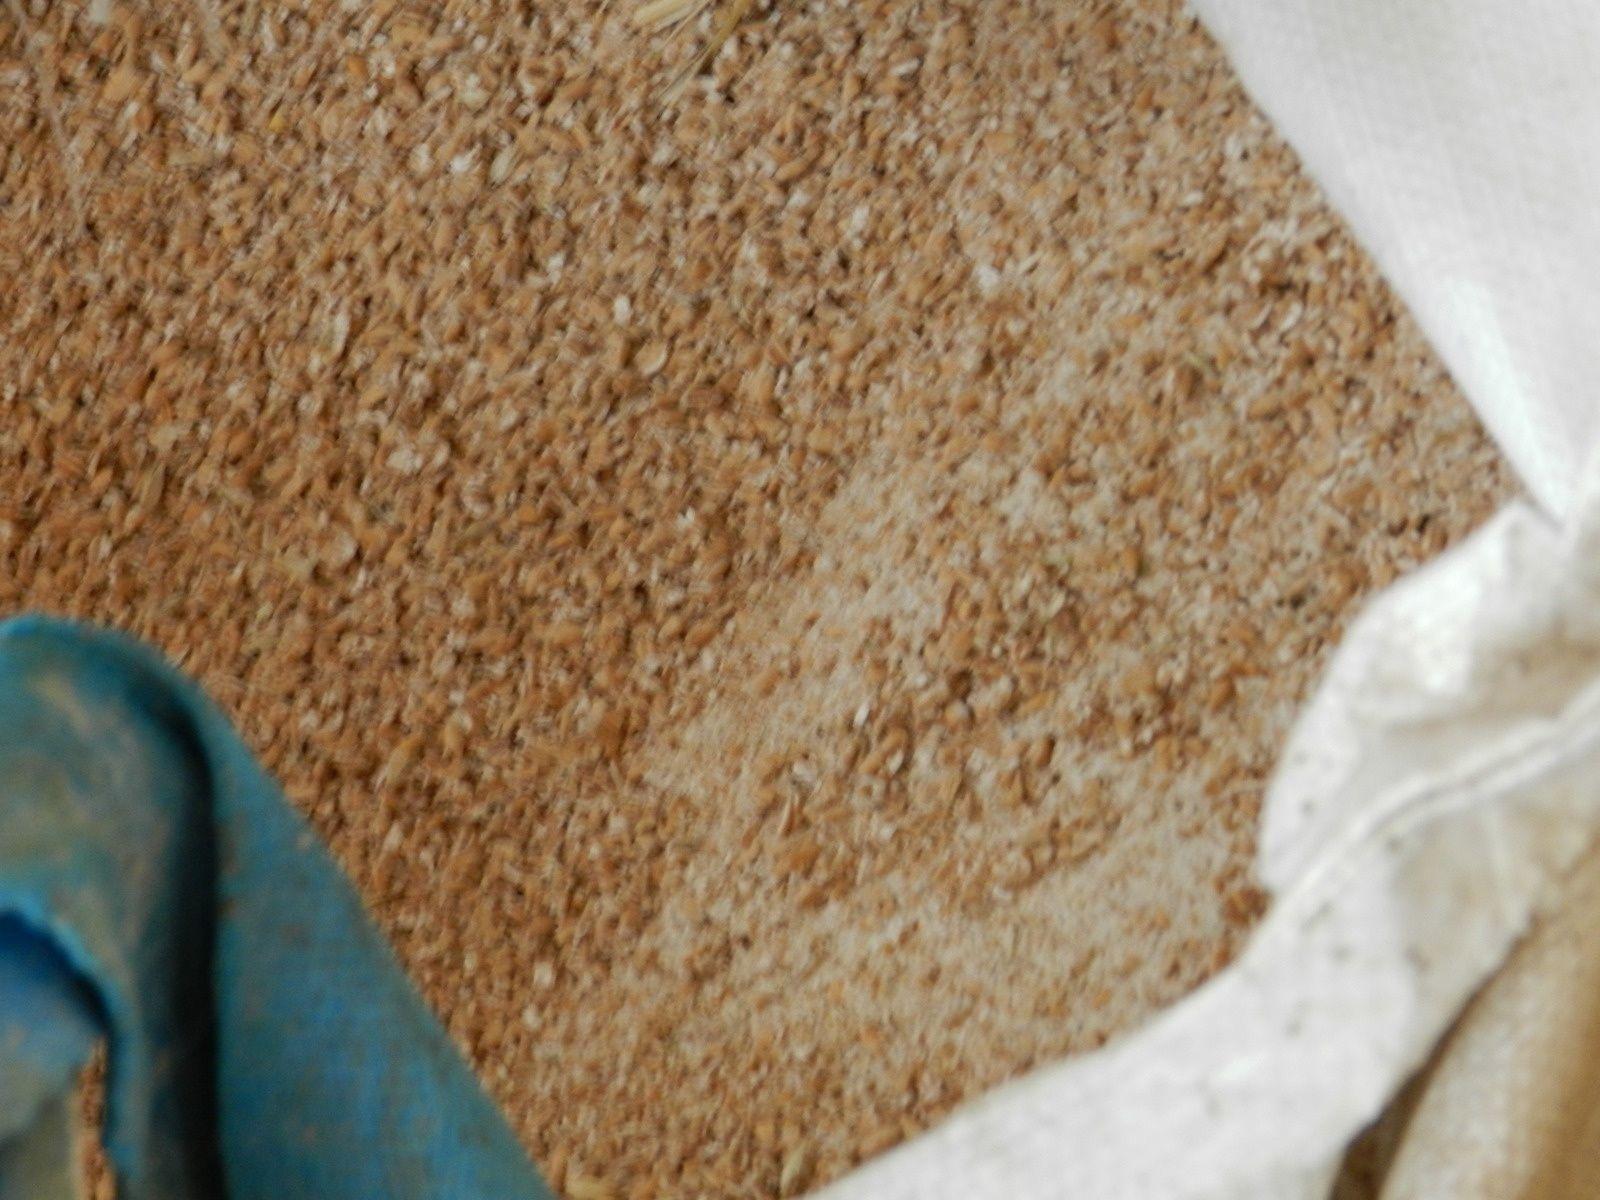 Céréale broyée. Techniques d'élevage. Tous droits réservés